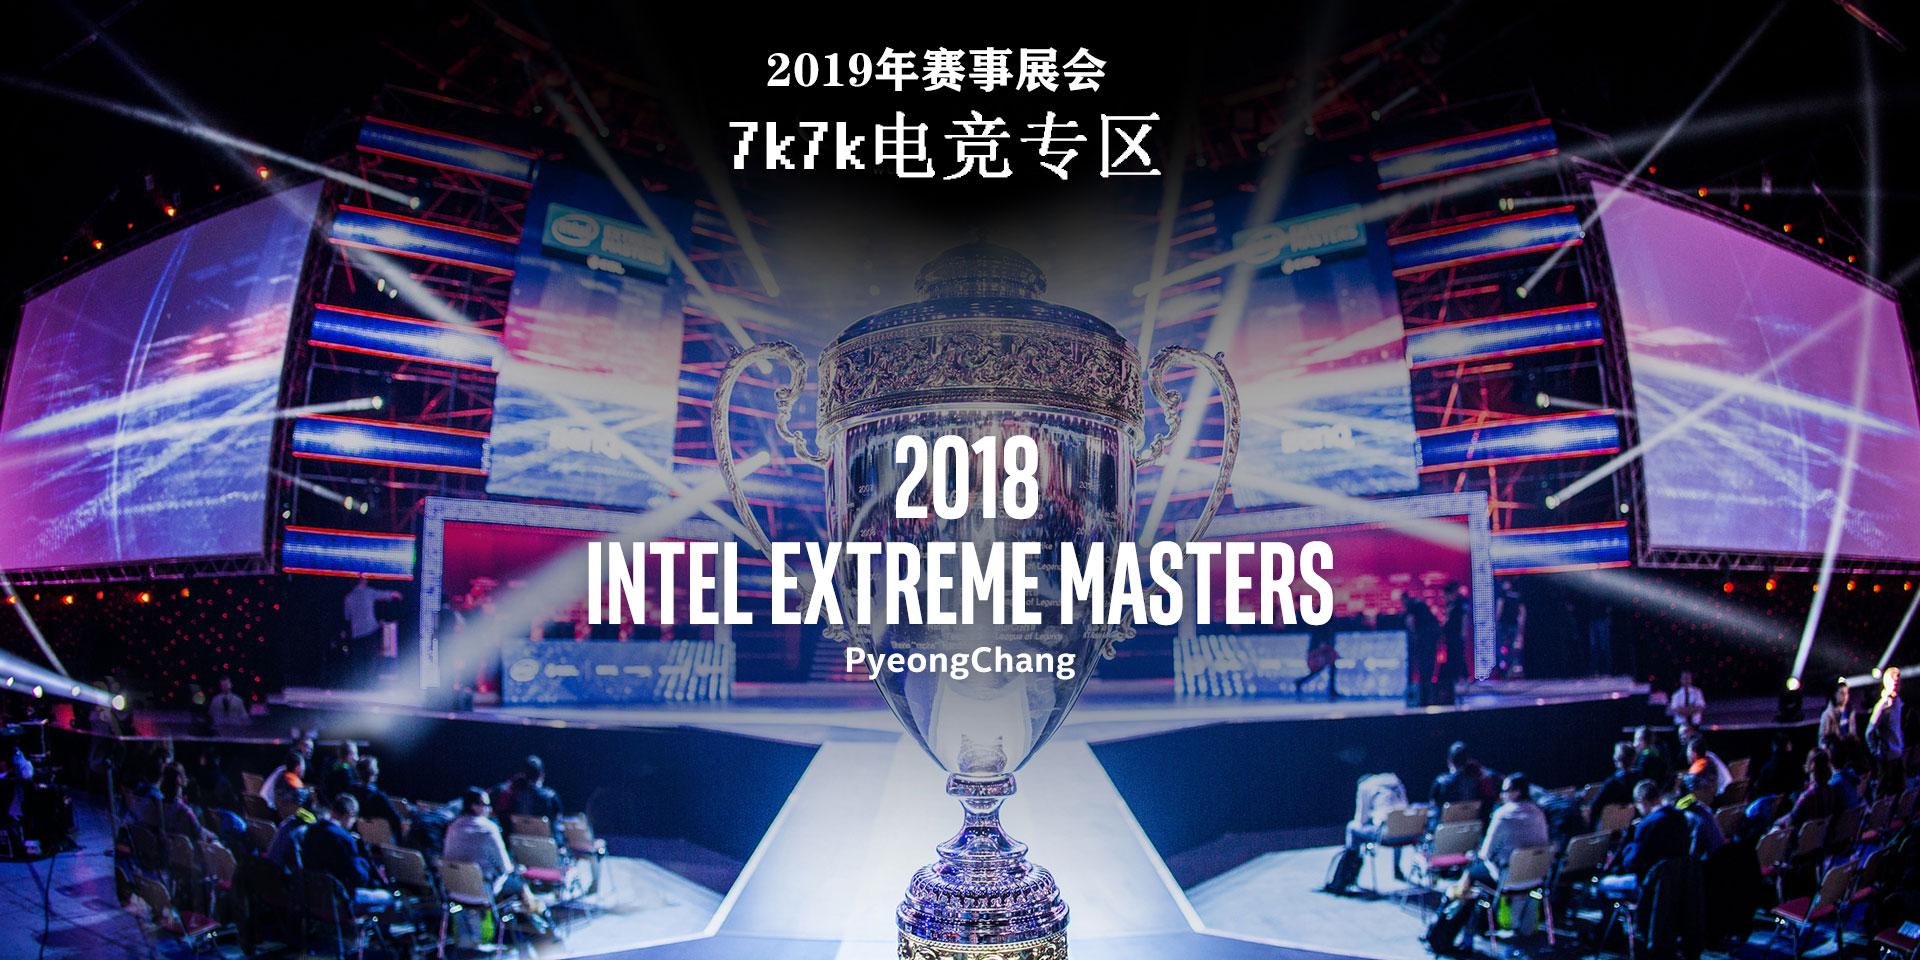 2019赛事大全